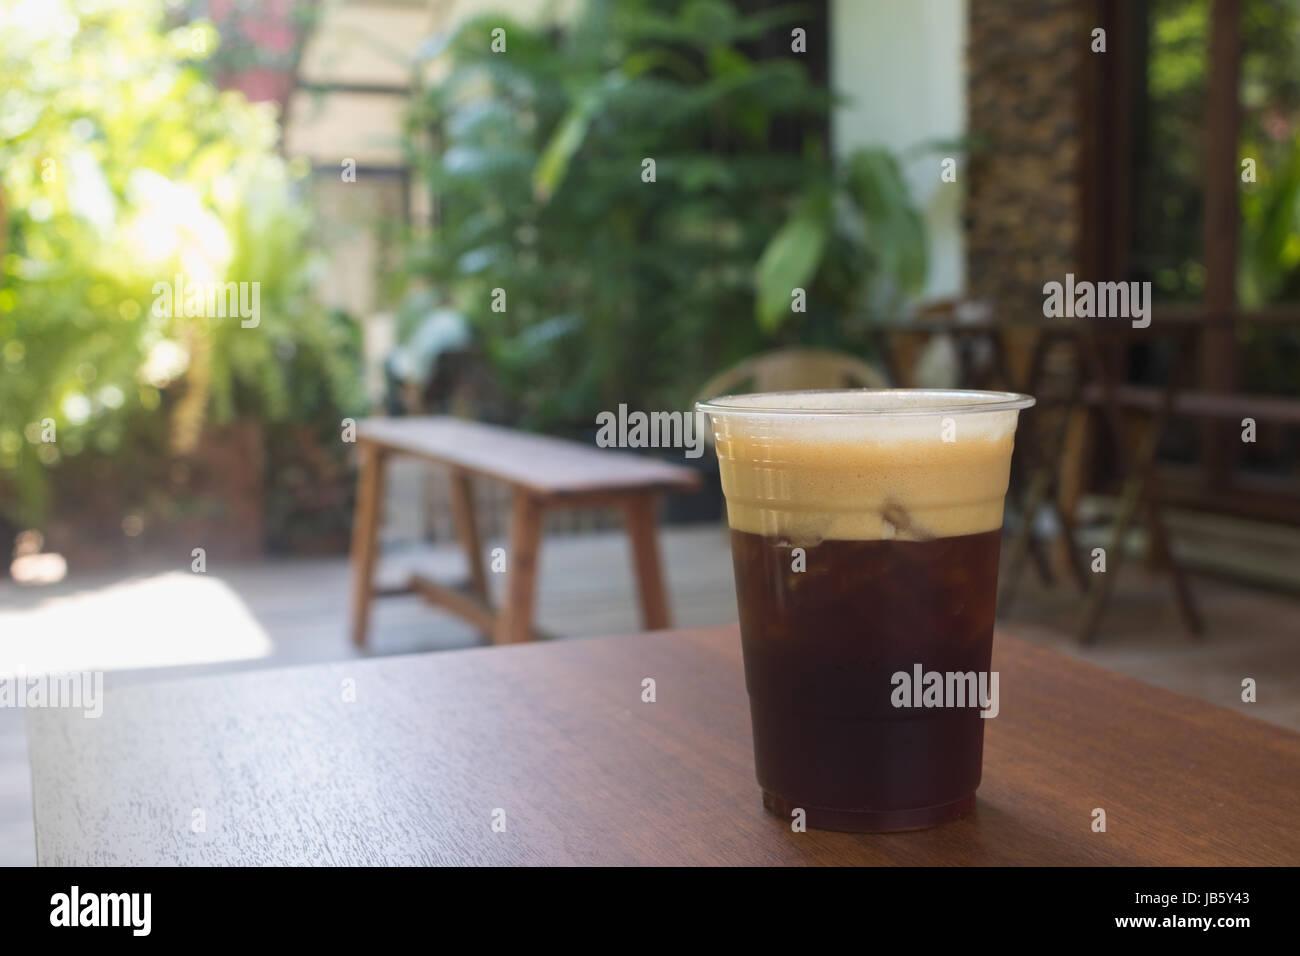 Funkelnde Nitro Cold Brew infundiert Coffee auf Holztisch im Freien Kaffee café Stockbild